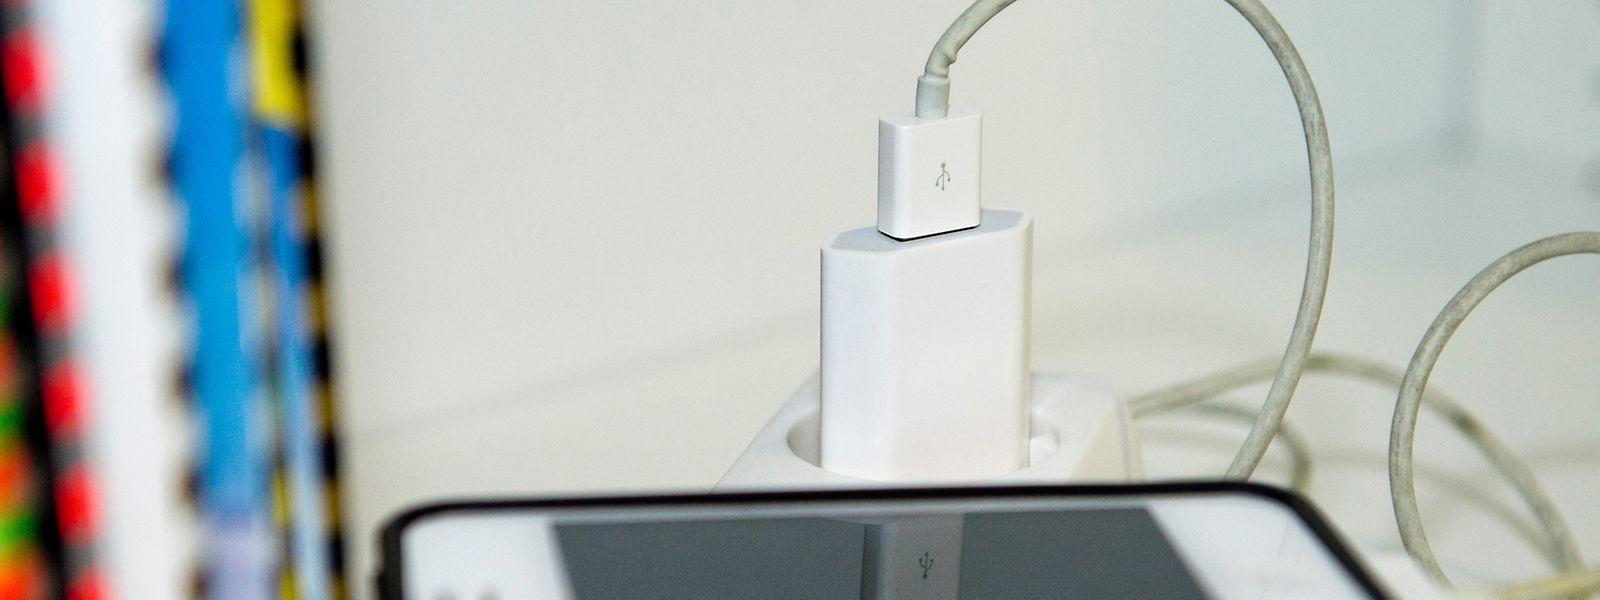 Einen Lithium-Ionen-Akku sollte nicht immer randvoll geladen werden.